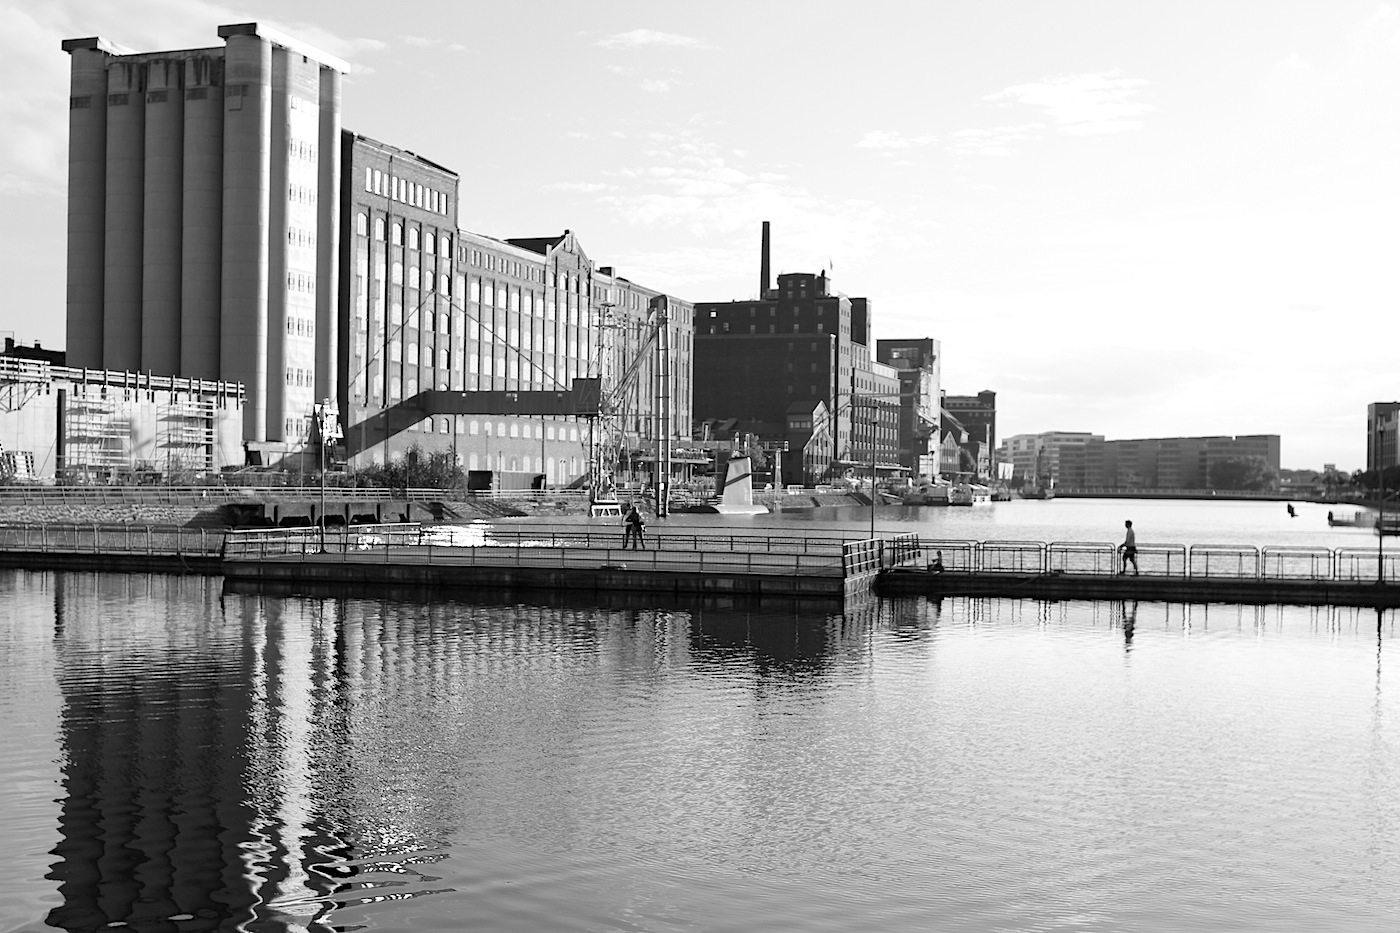 Innenhafen Duisburg.  Nicht so berühmt wie der Medienhafen von Düsseldorf oder die Hamburger HafenCity, dafür umso geschlossener und weitläufiger im Aussehen und seiner Struktur. Er ist der Beweis, dass ein ursprünglich schmuddeliger und vergessener Ort zu einem Areal für das andere, fortschrittliche Design-Duisburg sein kann.